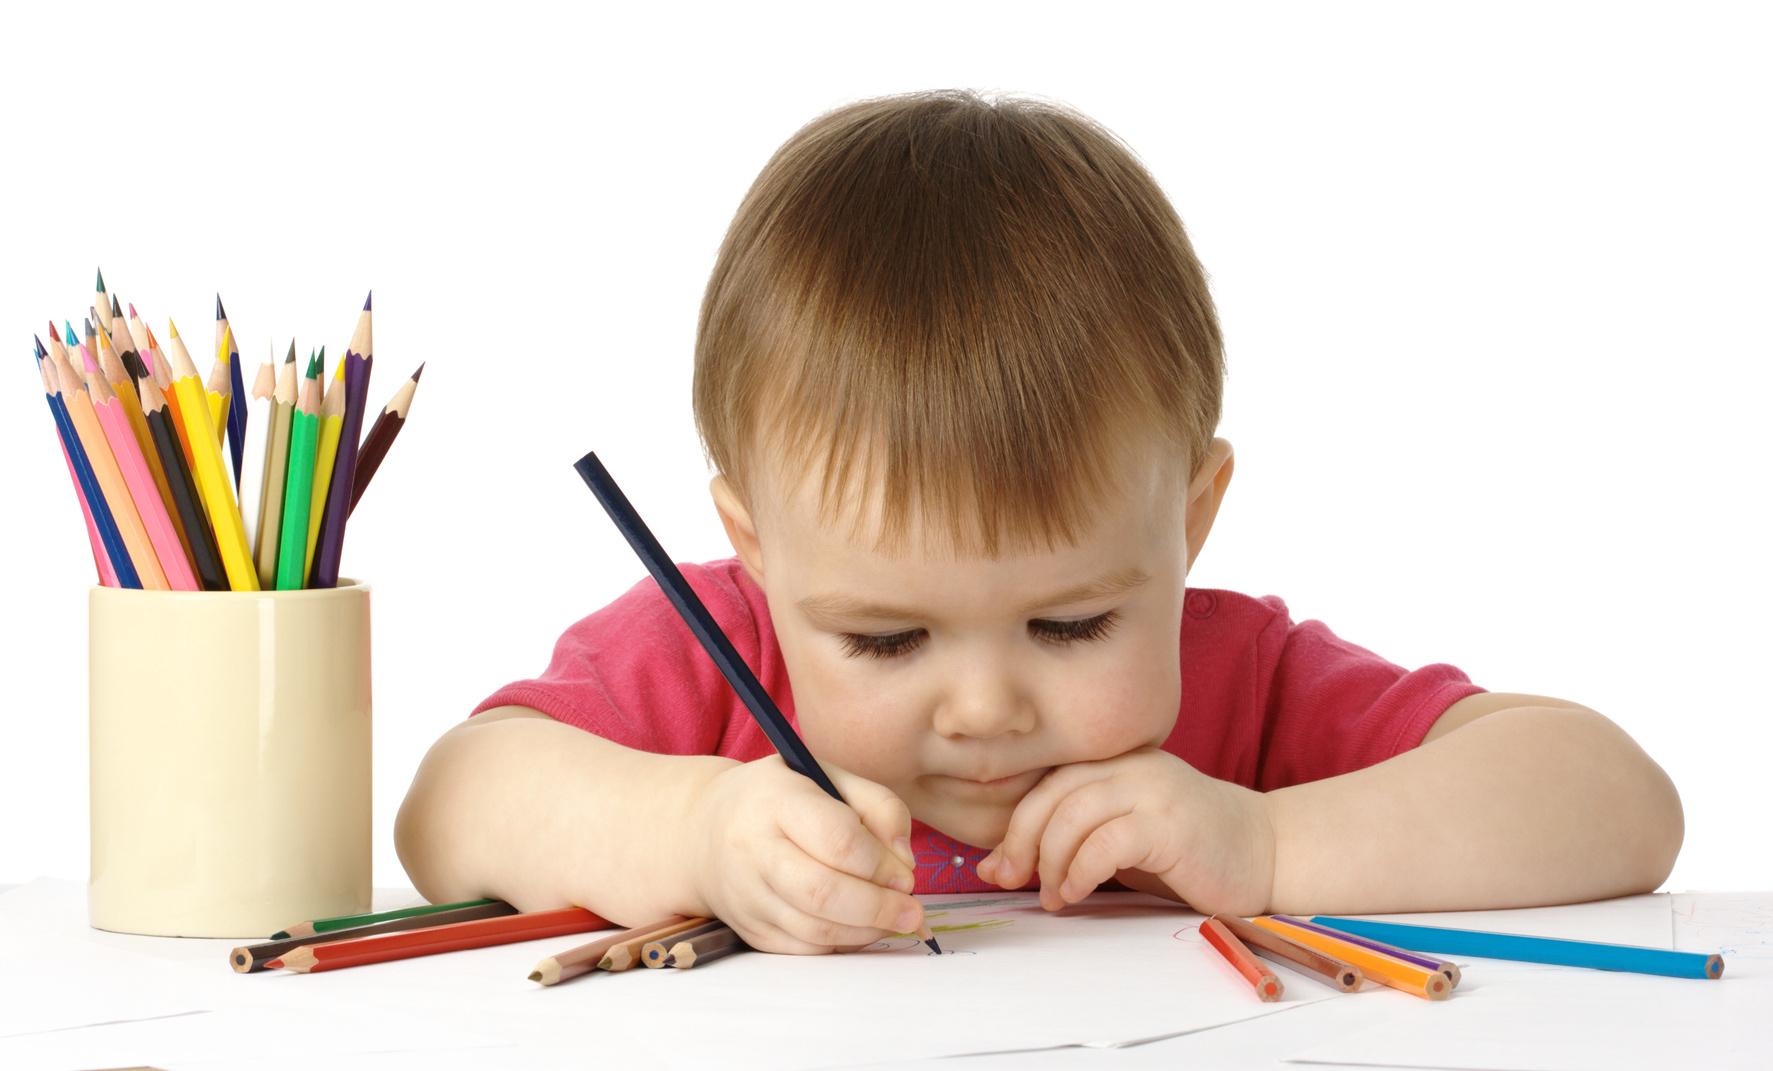 4 recomendaciones para mejorar la letra en los niños. - Cursos de ortografía y más